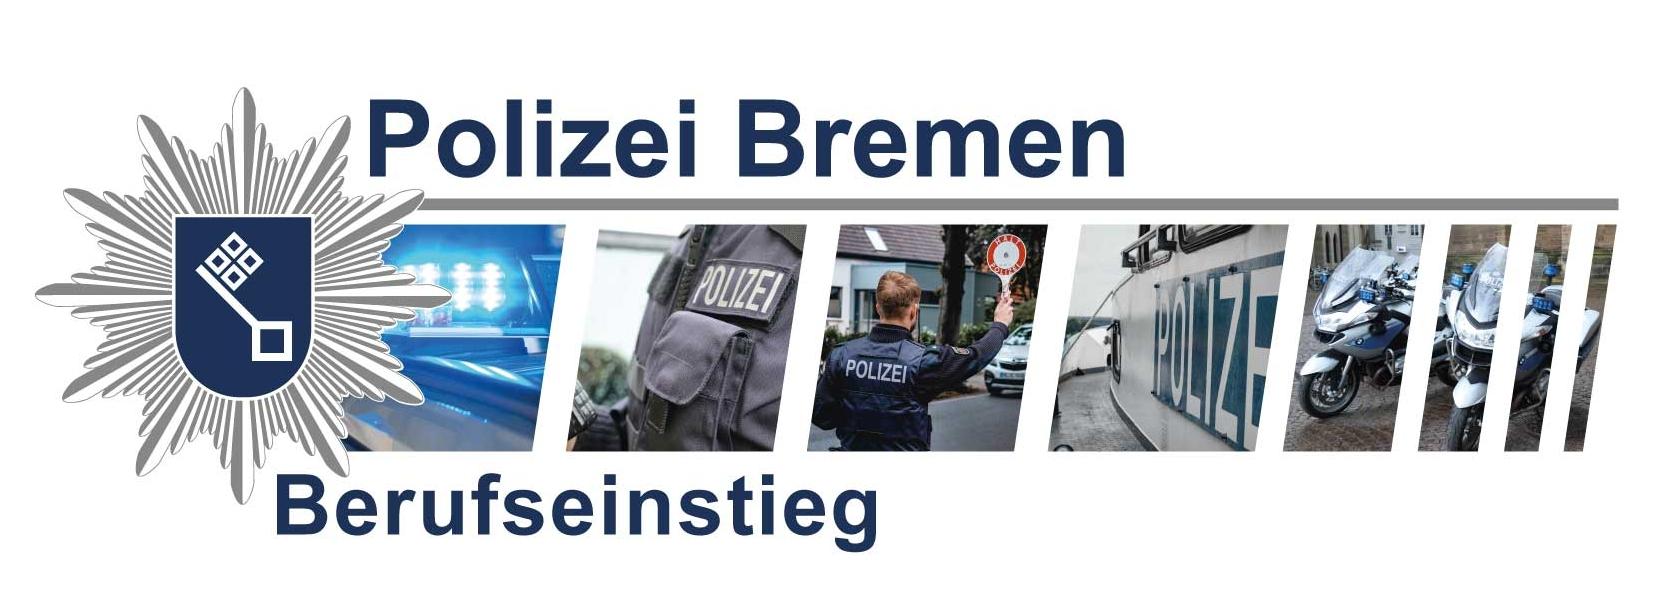 Grafik zeigt eine Werbefoto der Polizei Bremen zum Berufseinstieg